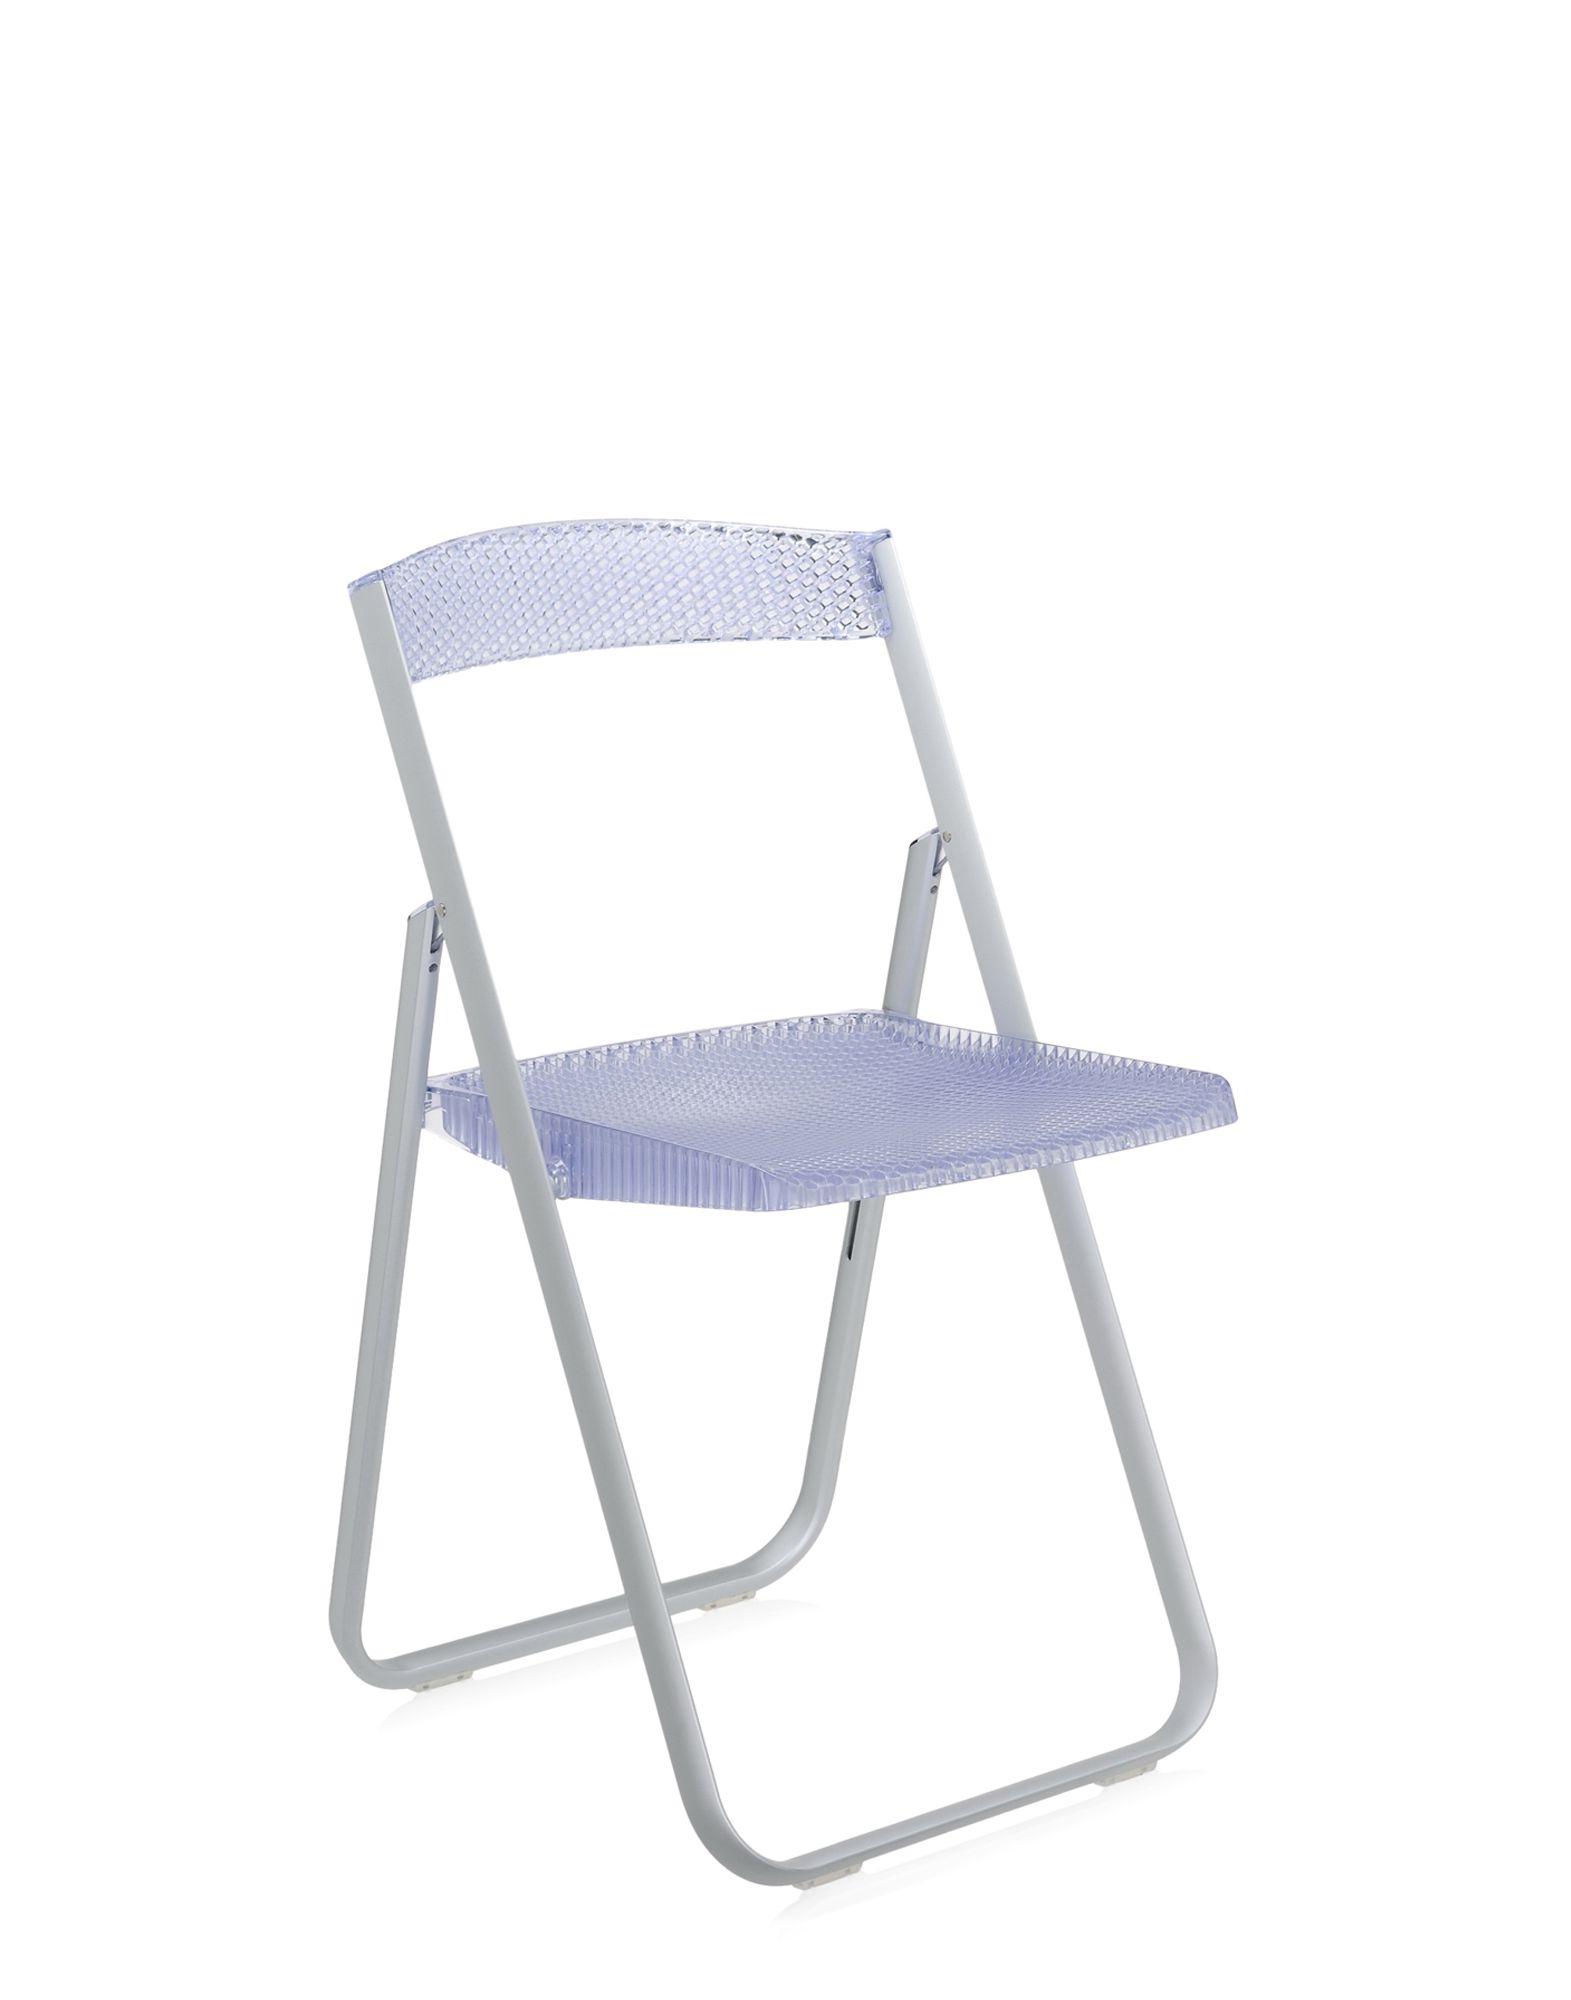 Kartell honeycomb sedia kartell azzurro scontato del 30 - Sedia pieghevole trasparente ...